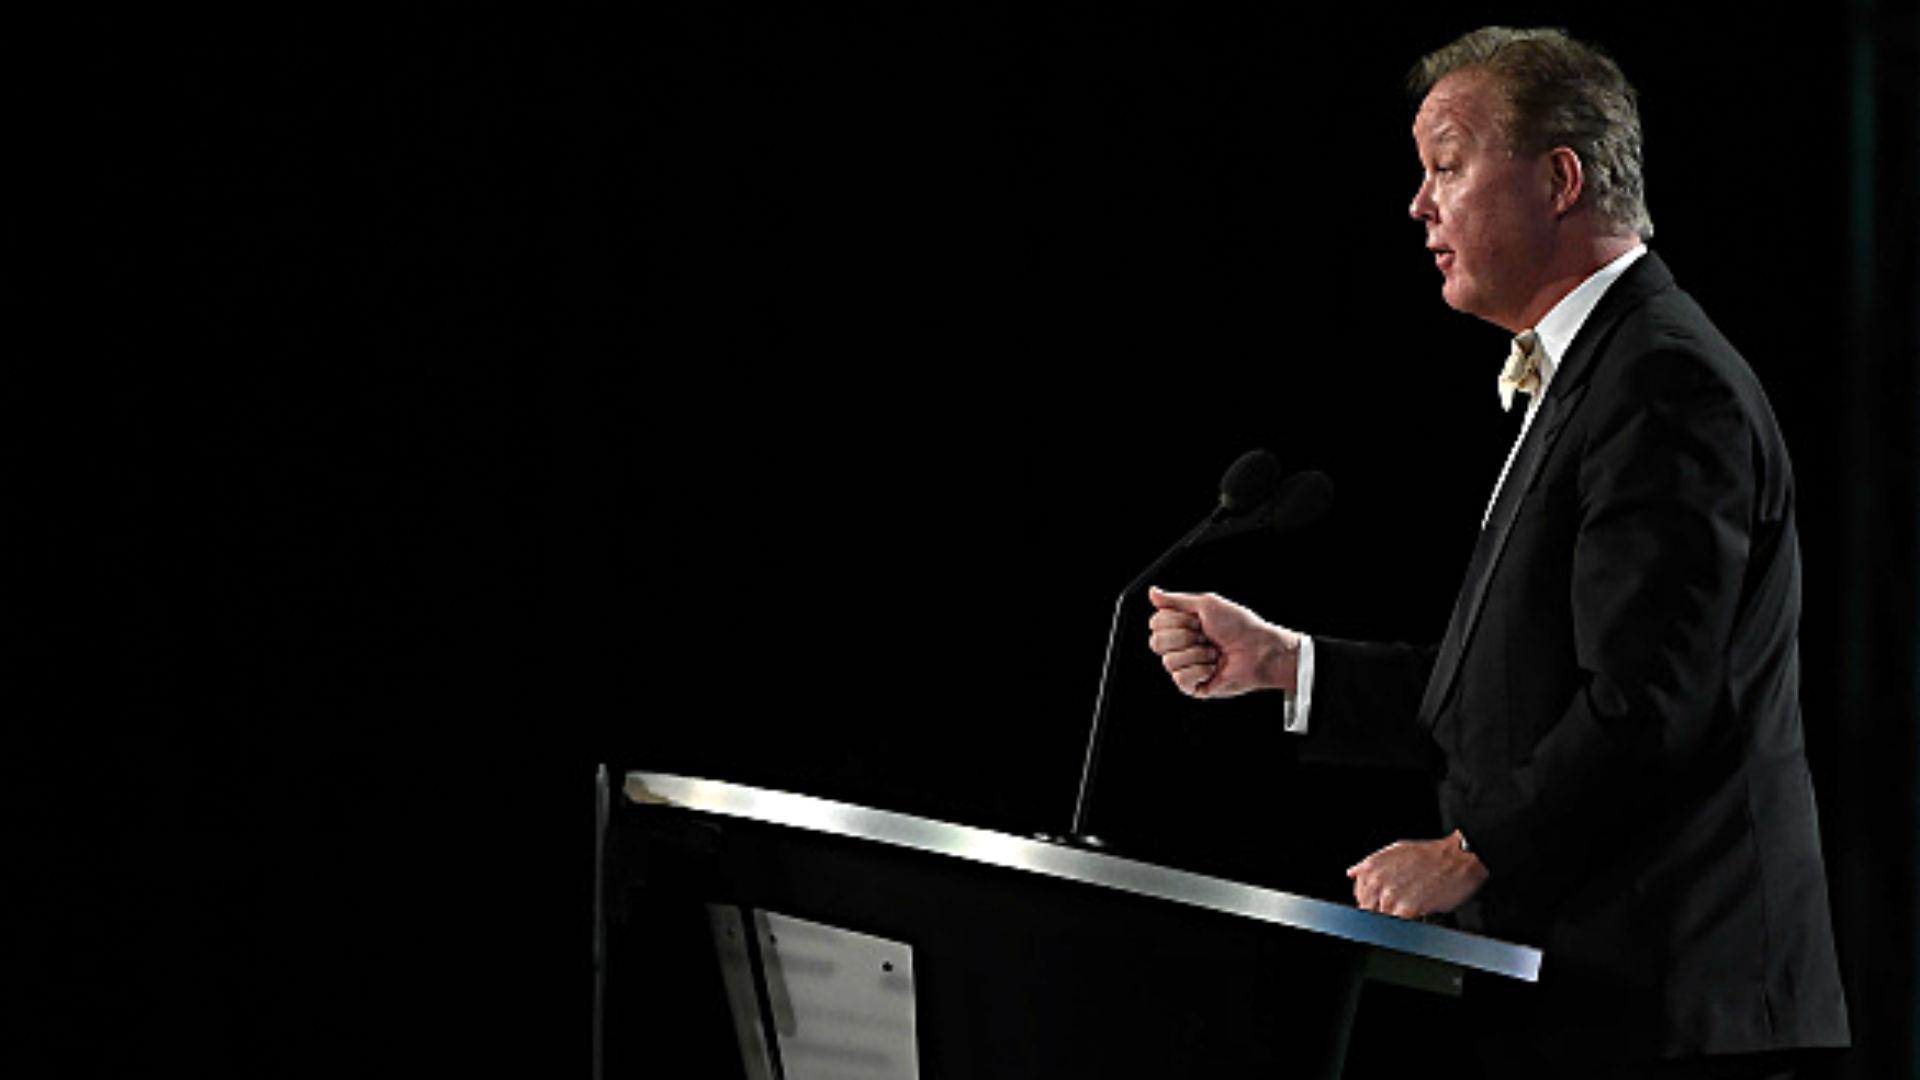 NASCAR CEO Brian France's behavior at awards ceremony creates buzz on social media